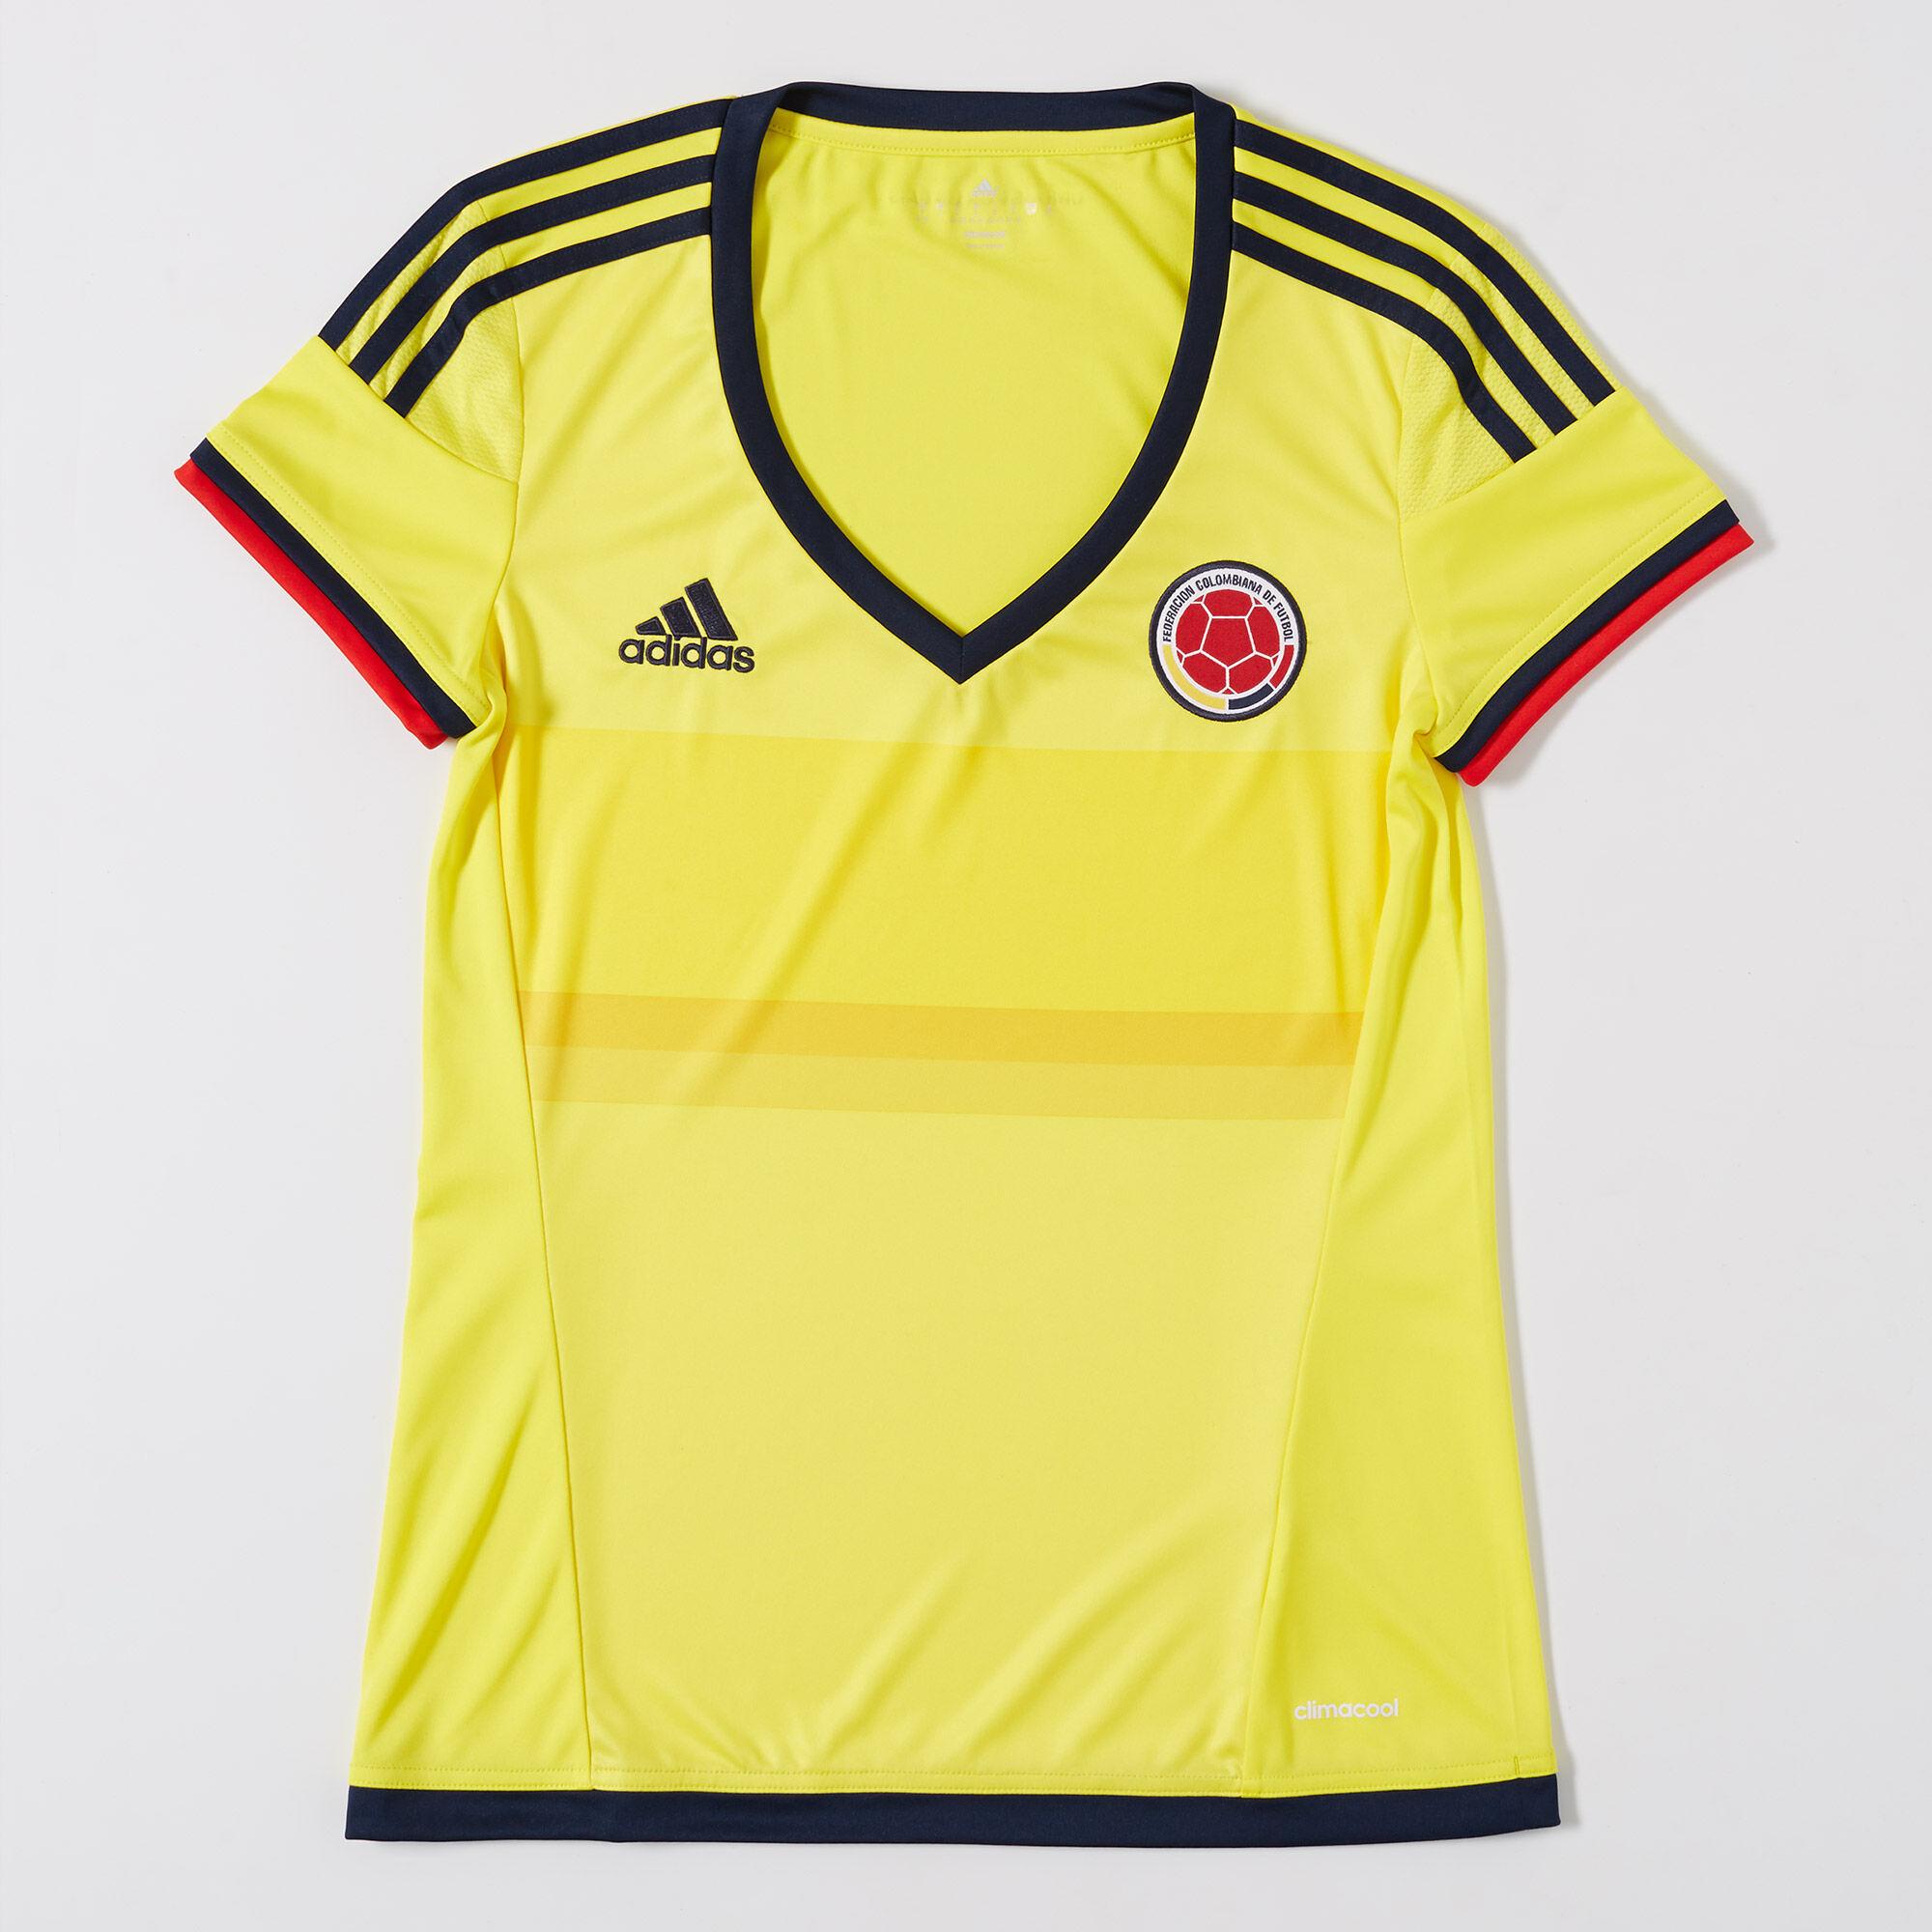 Camiseta Adidas Seleccion Colombia 2015 Adidas Camiseta Selección